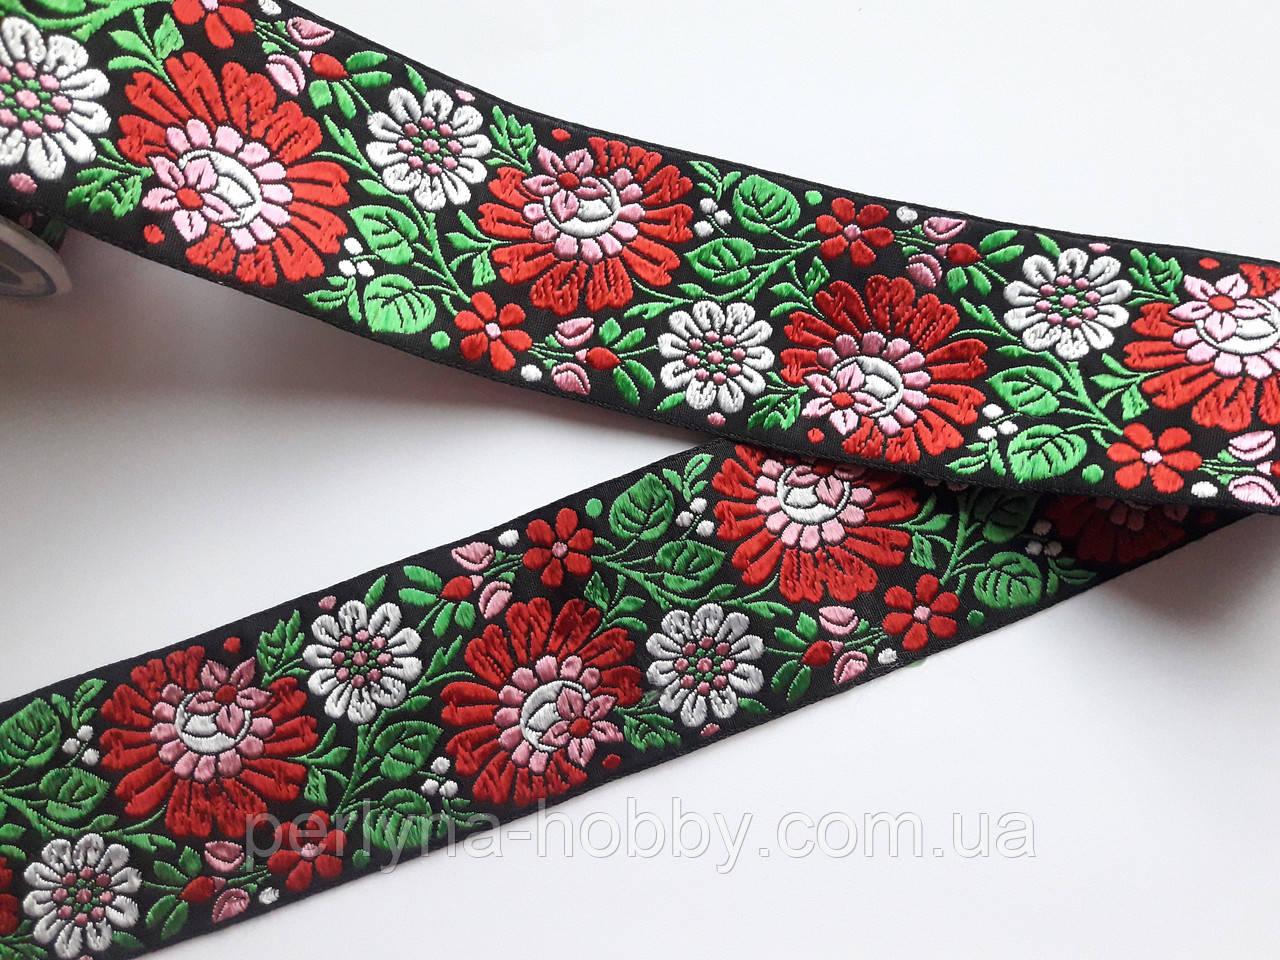 """Тесьма декоративная жаккардовая с орнаментом. Тасьма з вишивкою  """"Квіти на чорному"""" 6 см."""